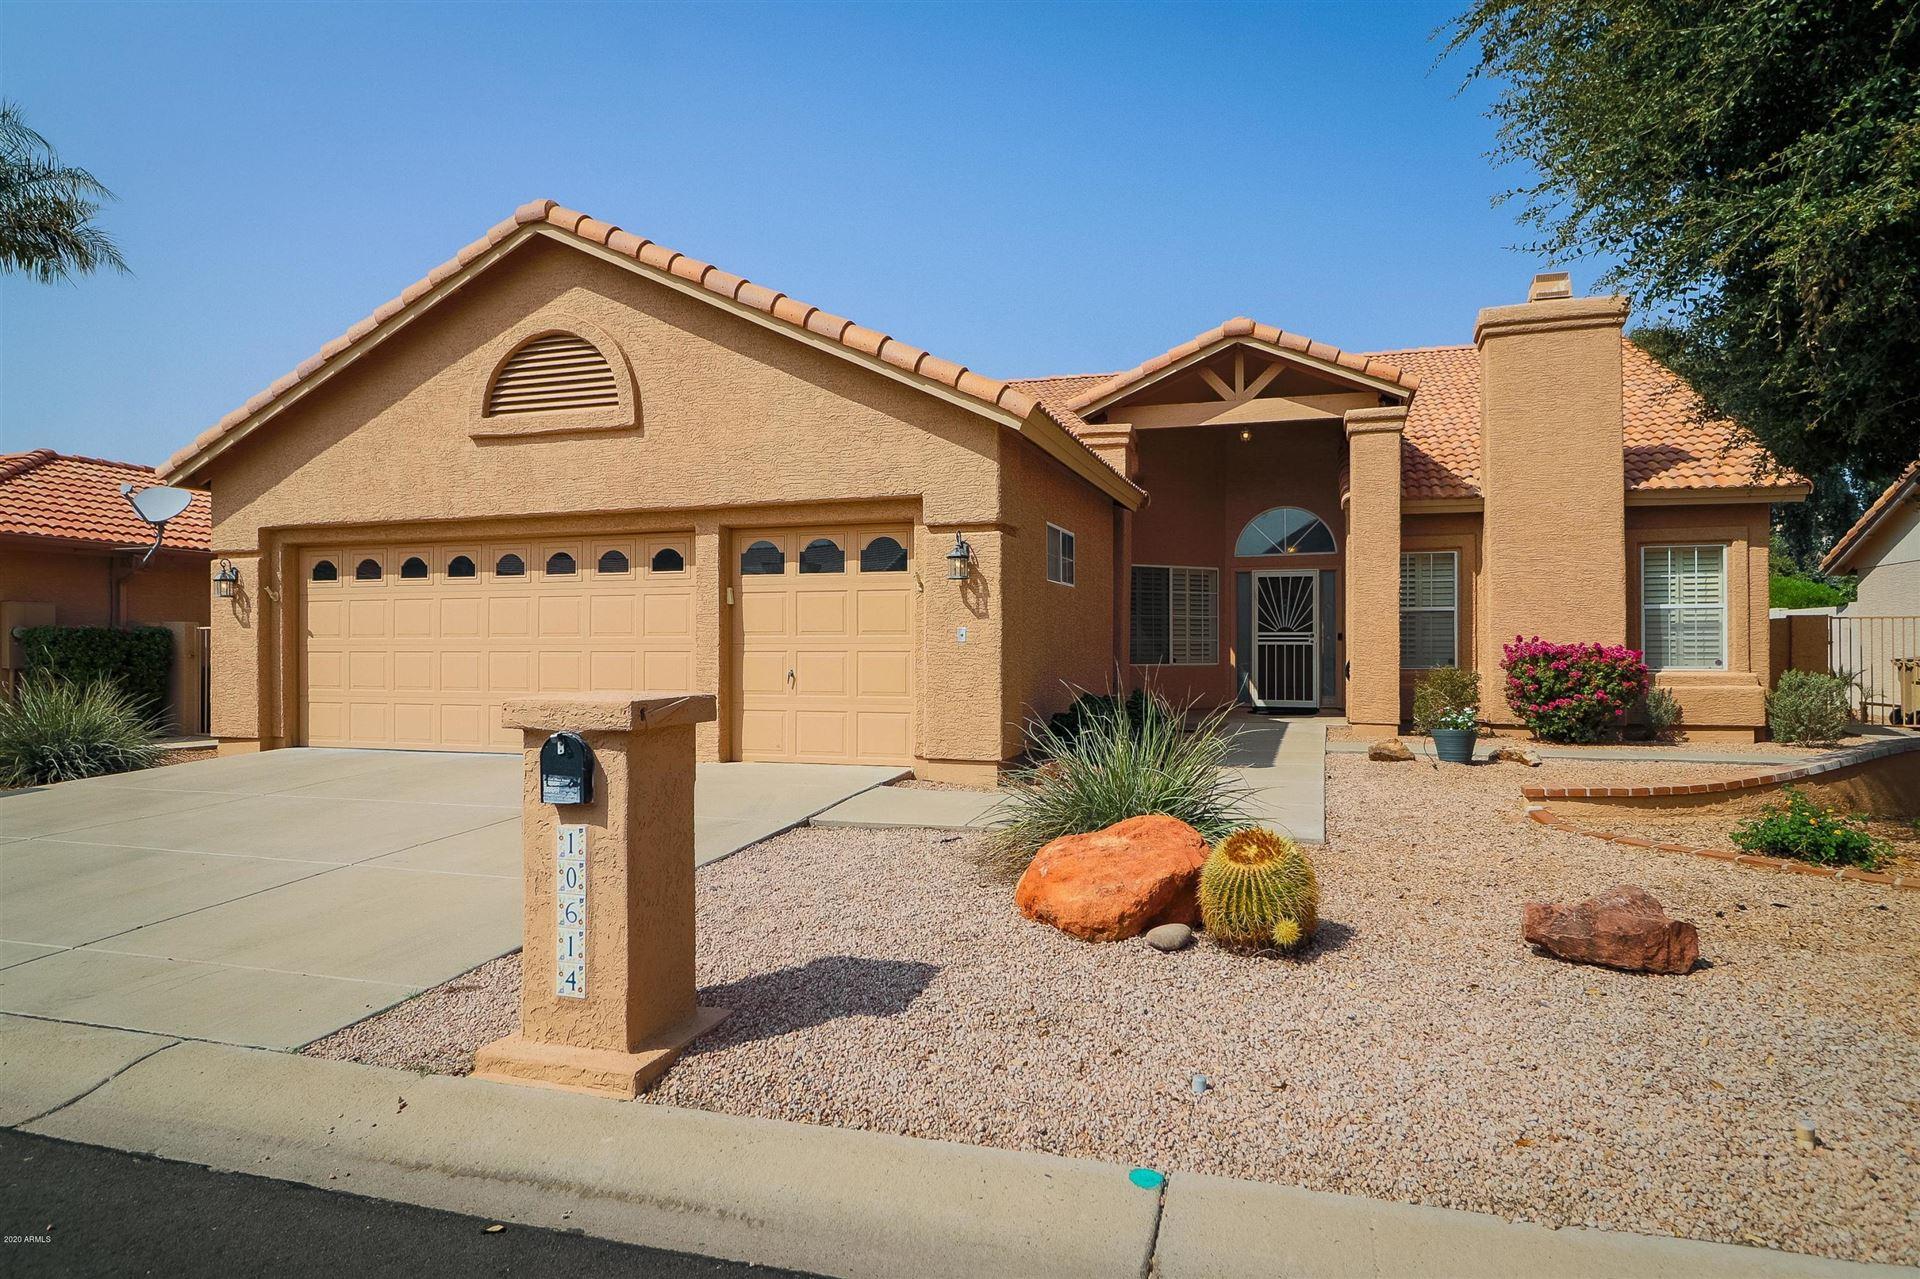 10614 E CEDAR WAXWING Drive, Sun Lakes, AZ 85248 - MLS#: 6135135